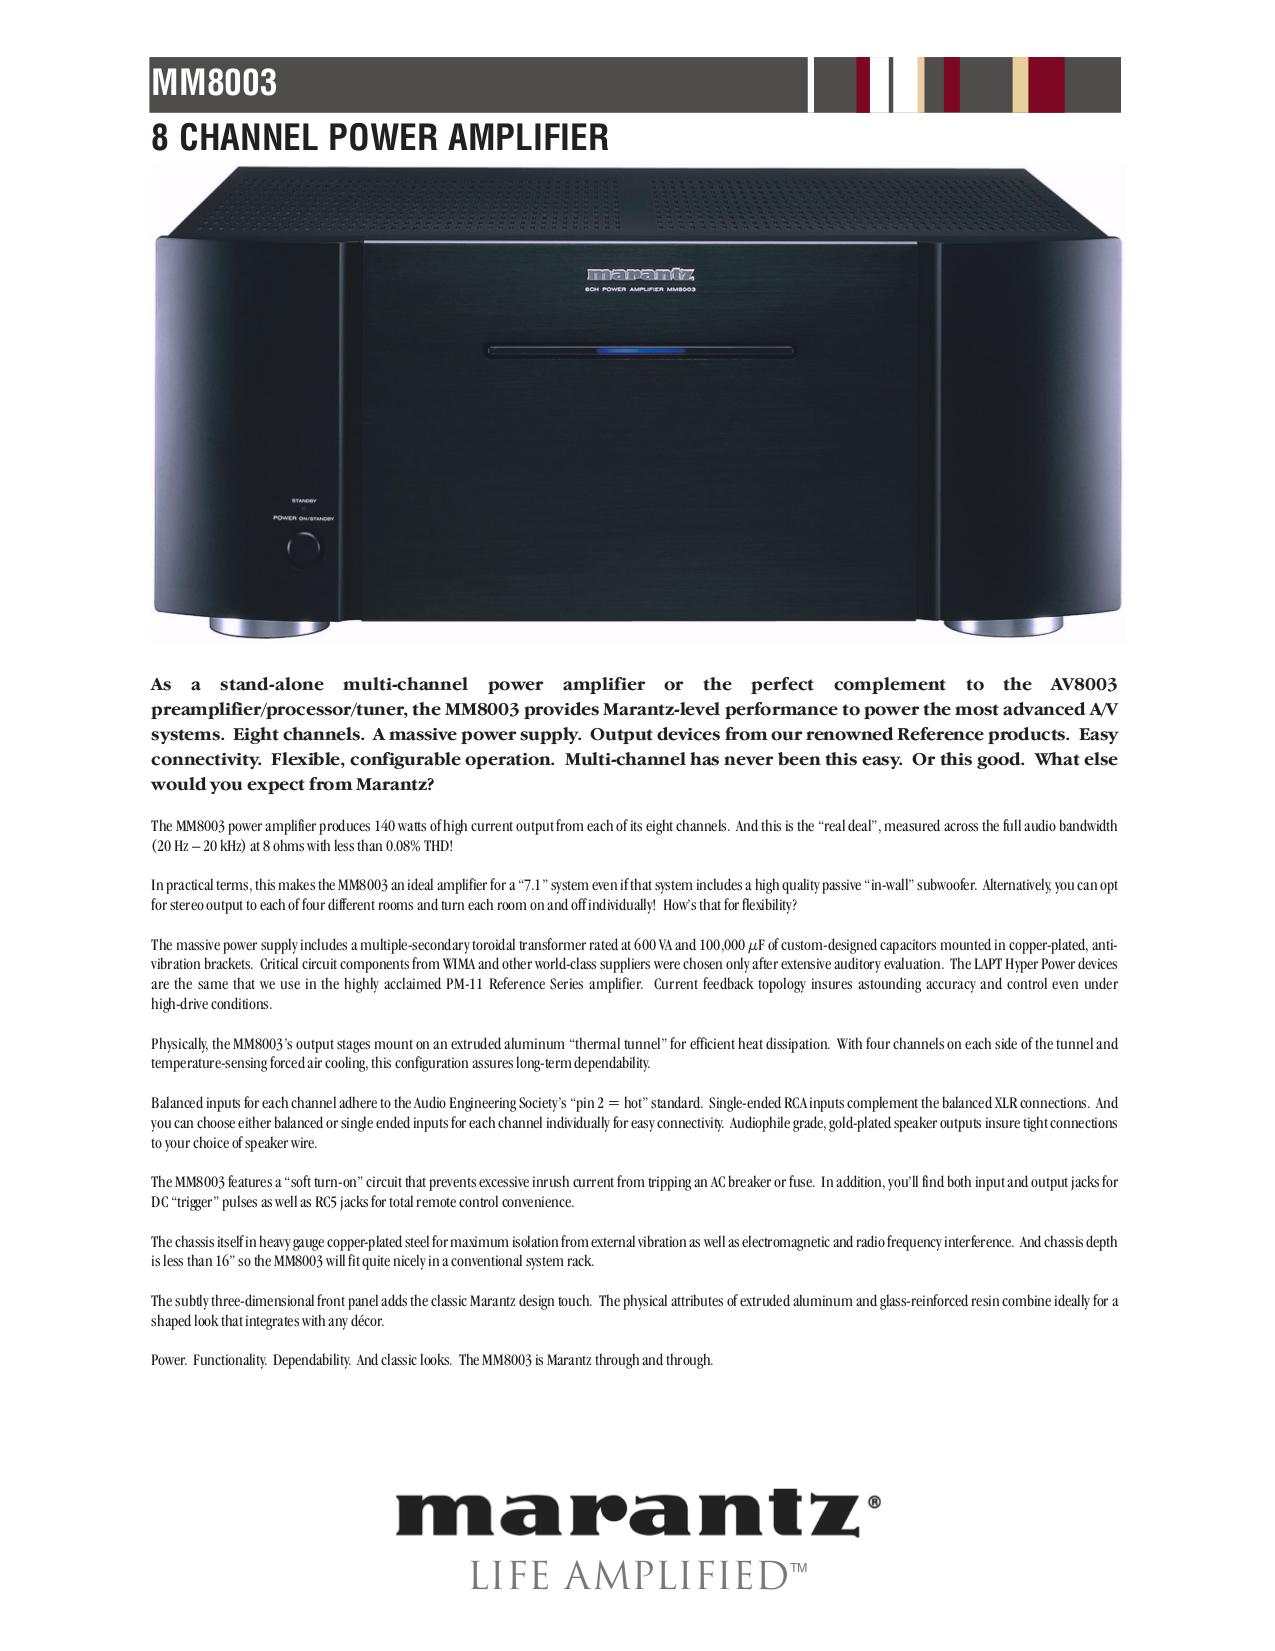 PDF manual for Marantz Receiver AV8003